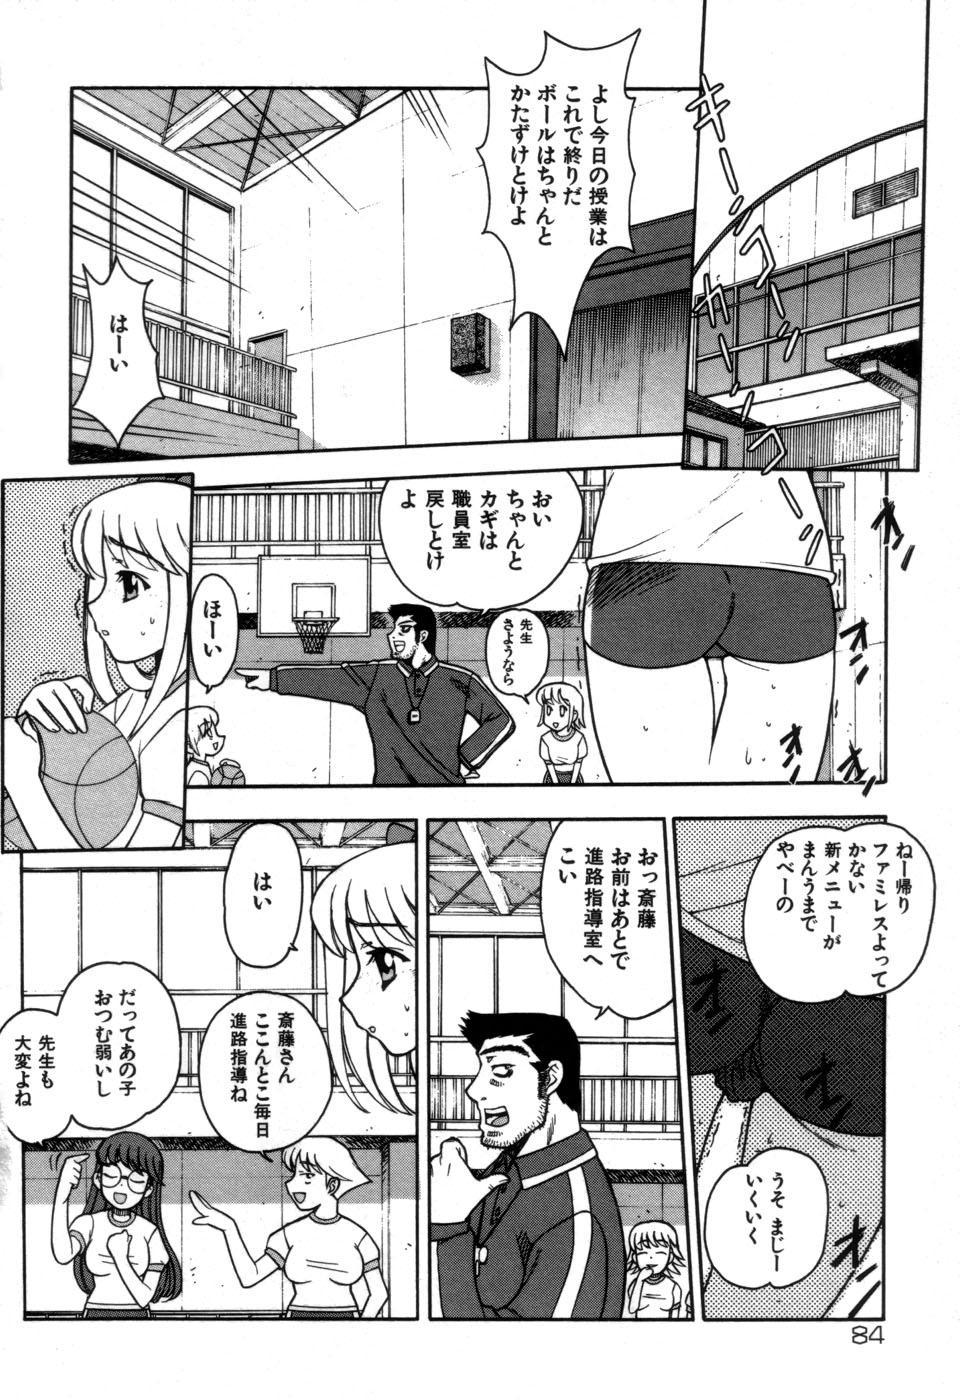 Imouto no Hiasobi 85